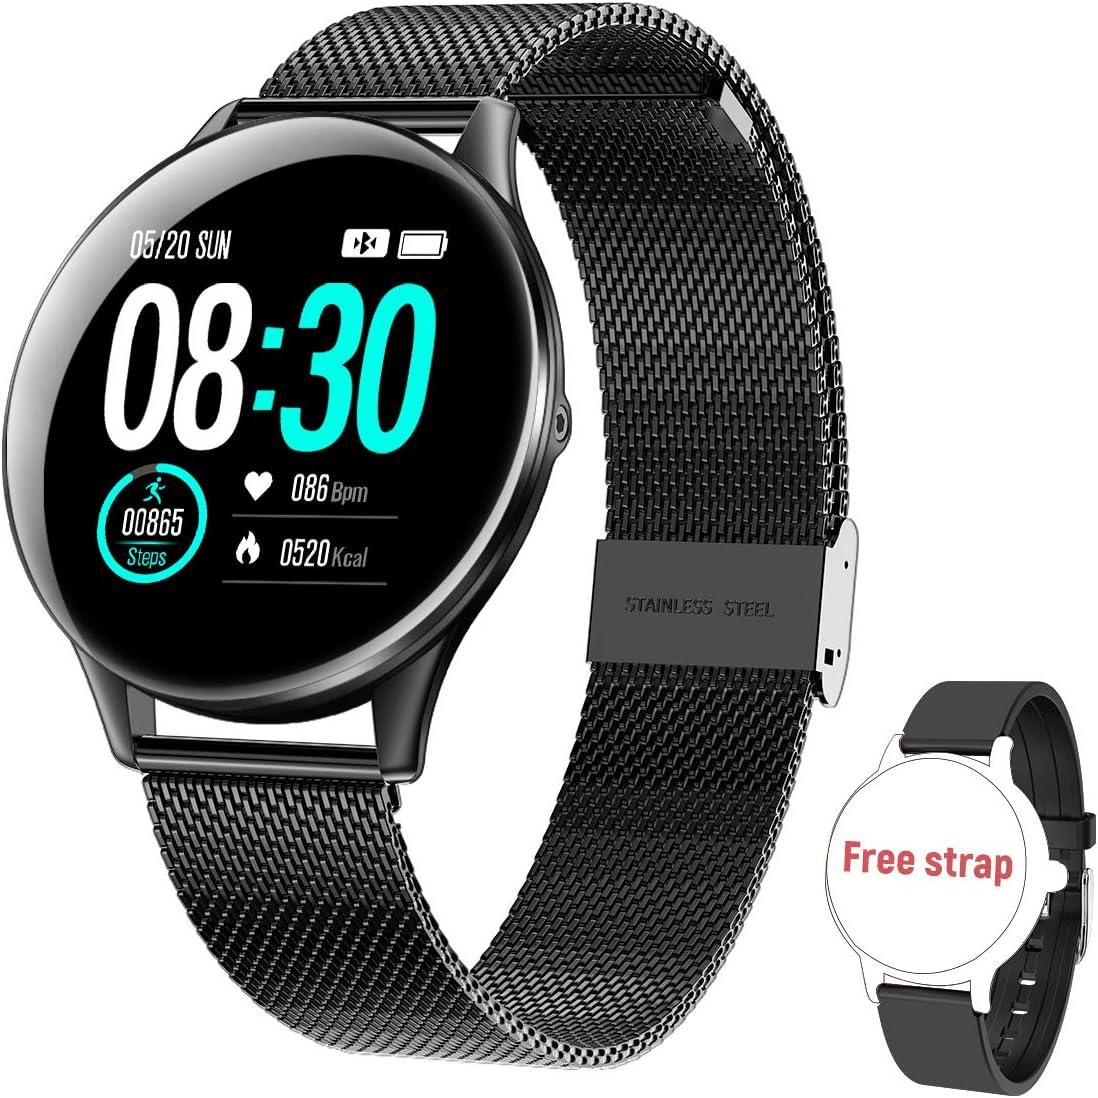 HopoFit Smartwatch, Reloj Inteligente IP68 Impermeable Pulsera Actividad Inteligente con Pulsómetro, Monitor de Sueño, Podómetro, Calorías Mujer Hombre para iOS y Android